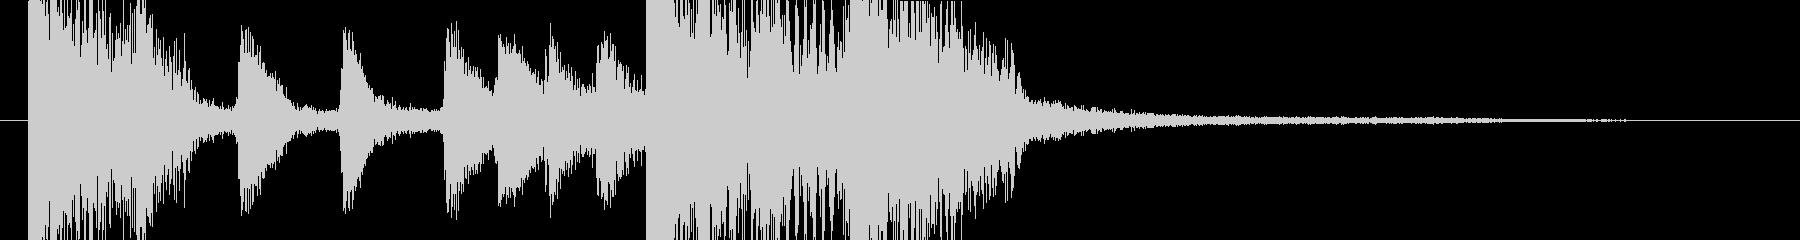 三味線和風バンド・派手目のジングル4秒の未再生の波形